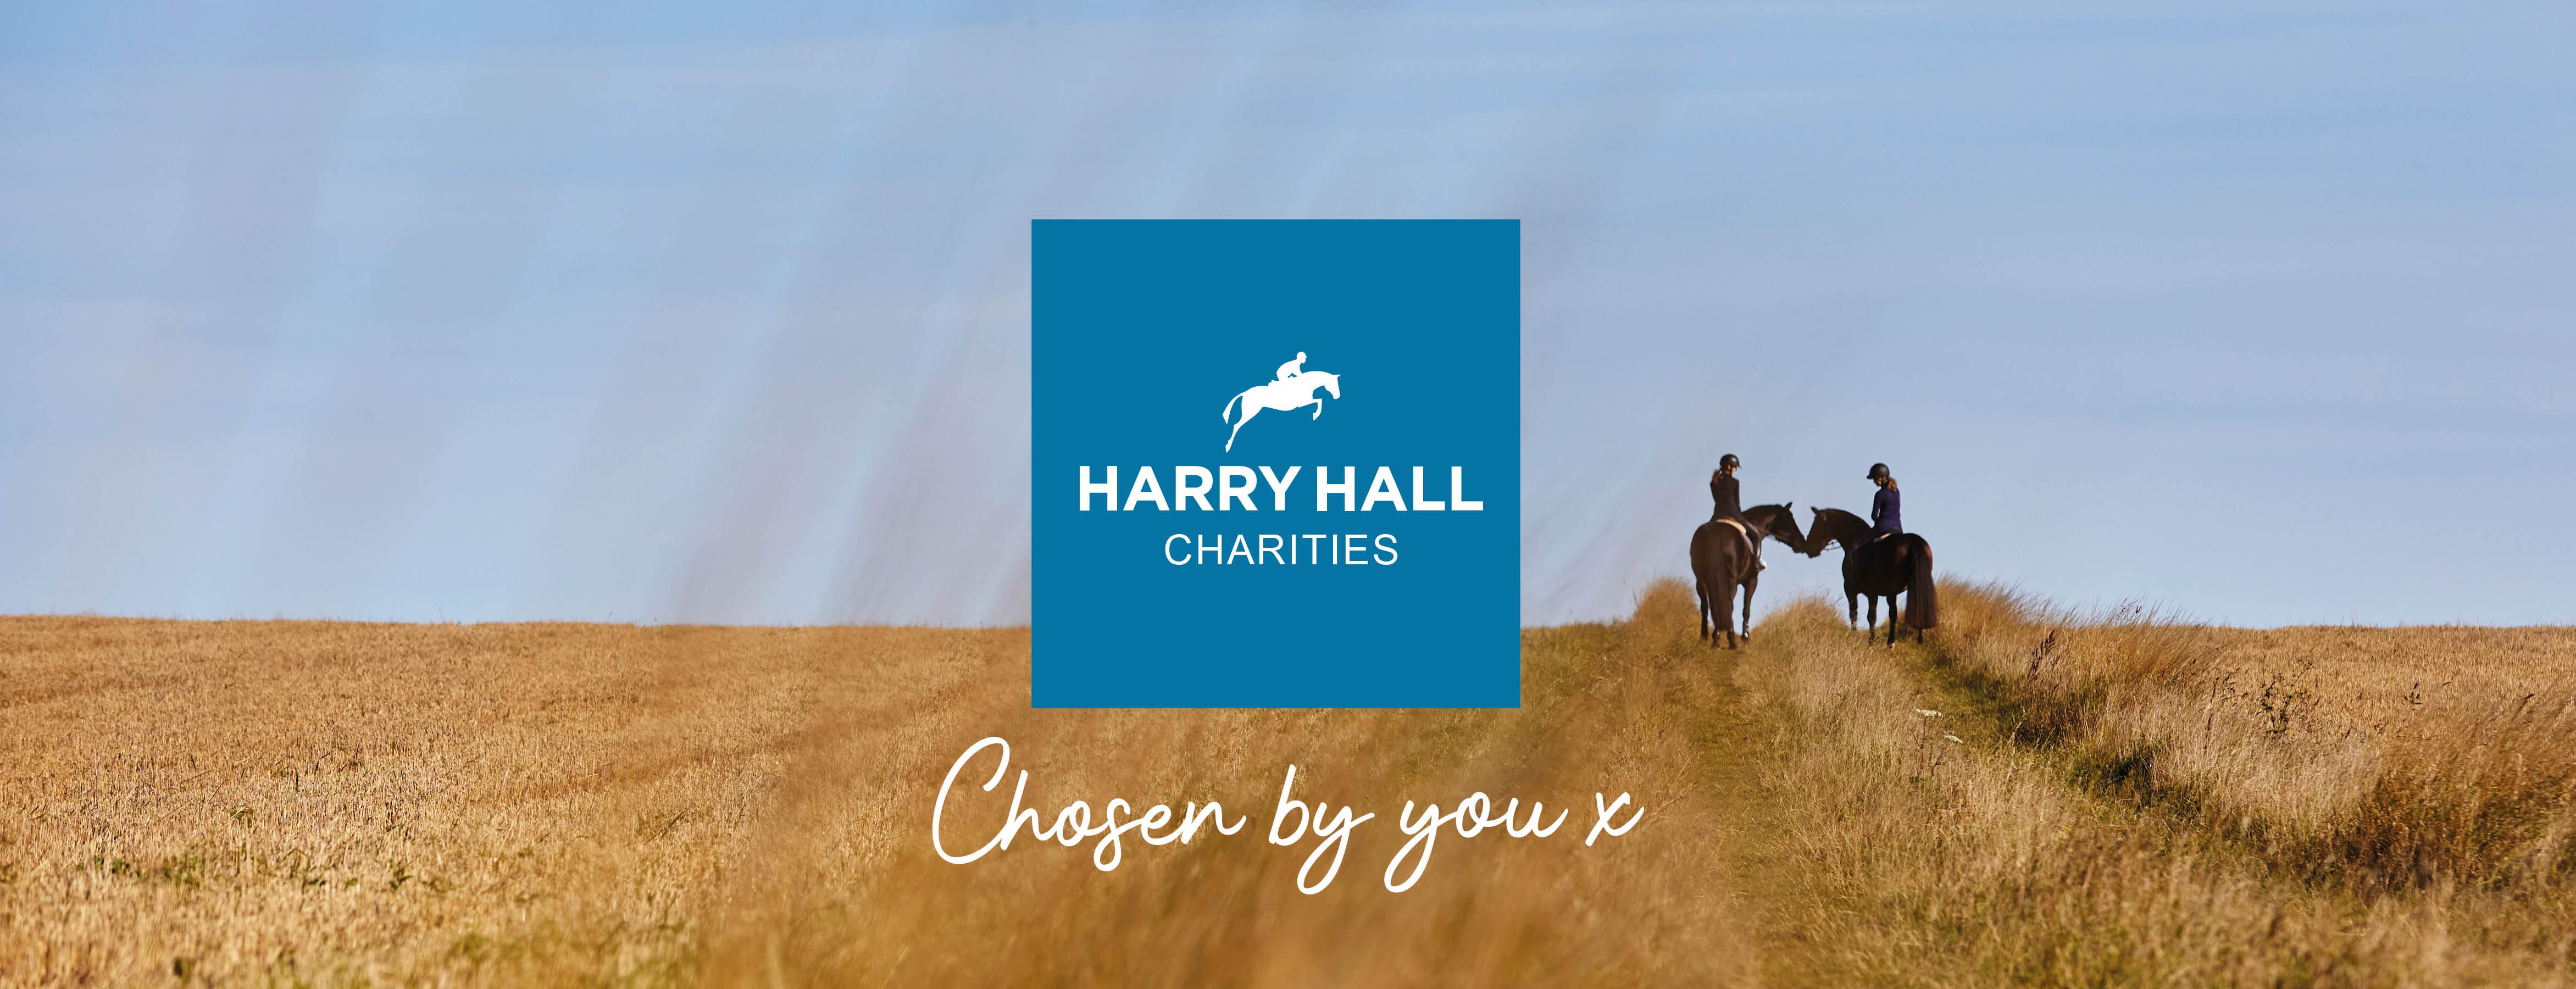 Harry Hall charity partner